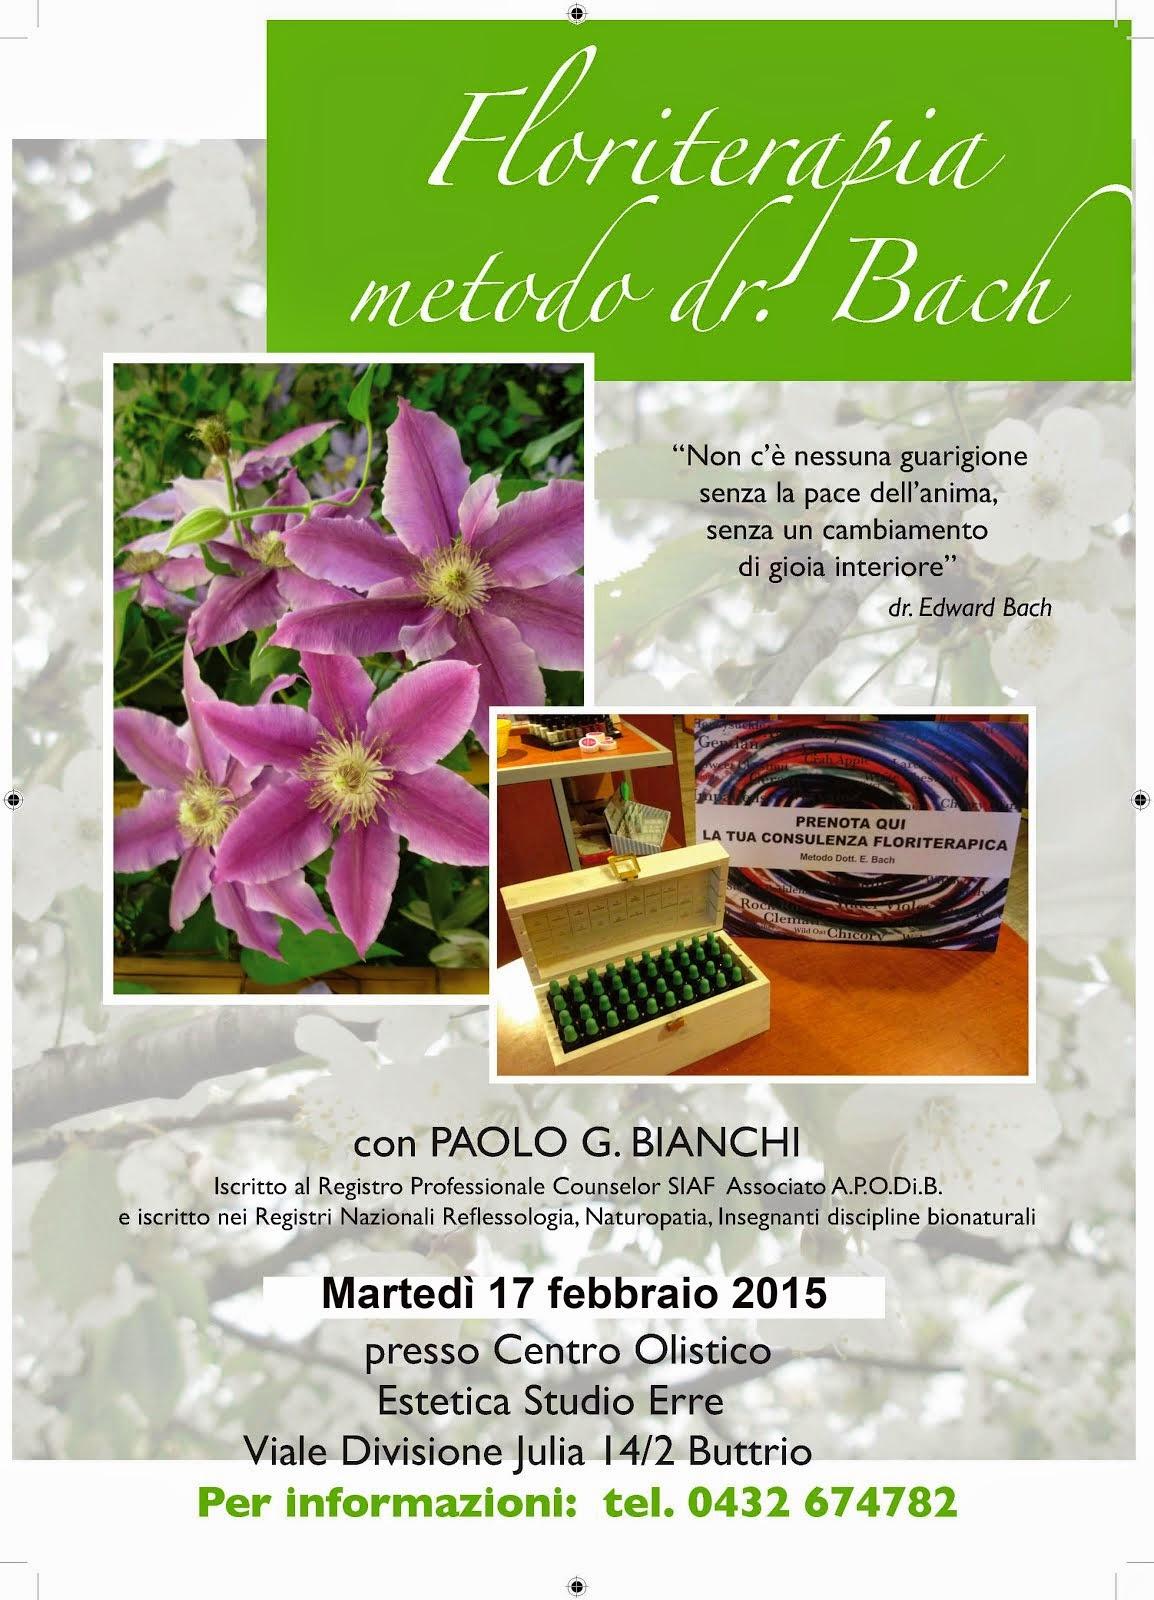 EVENTI: Floriterapia a Buttrio (UD)